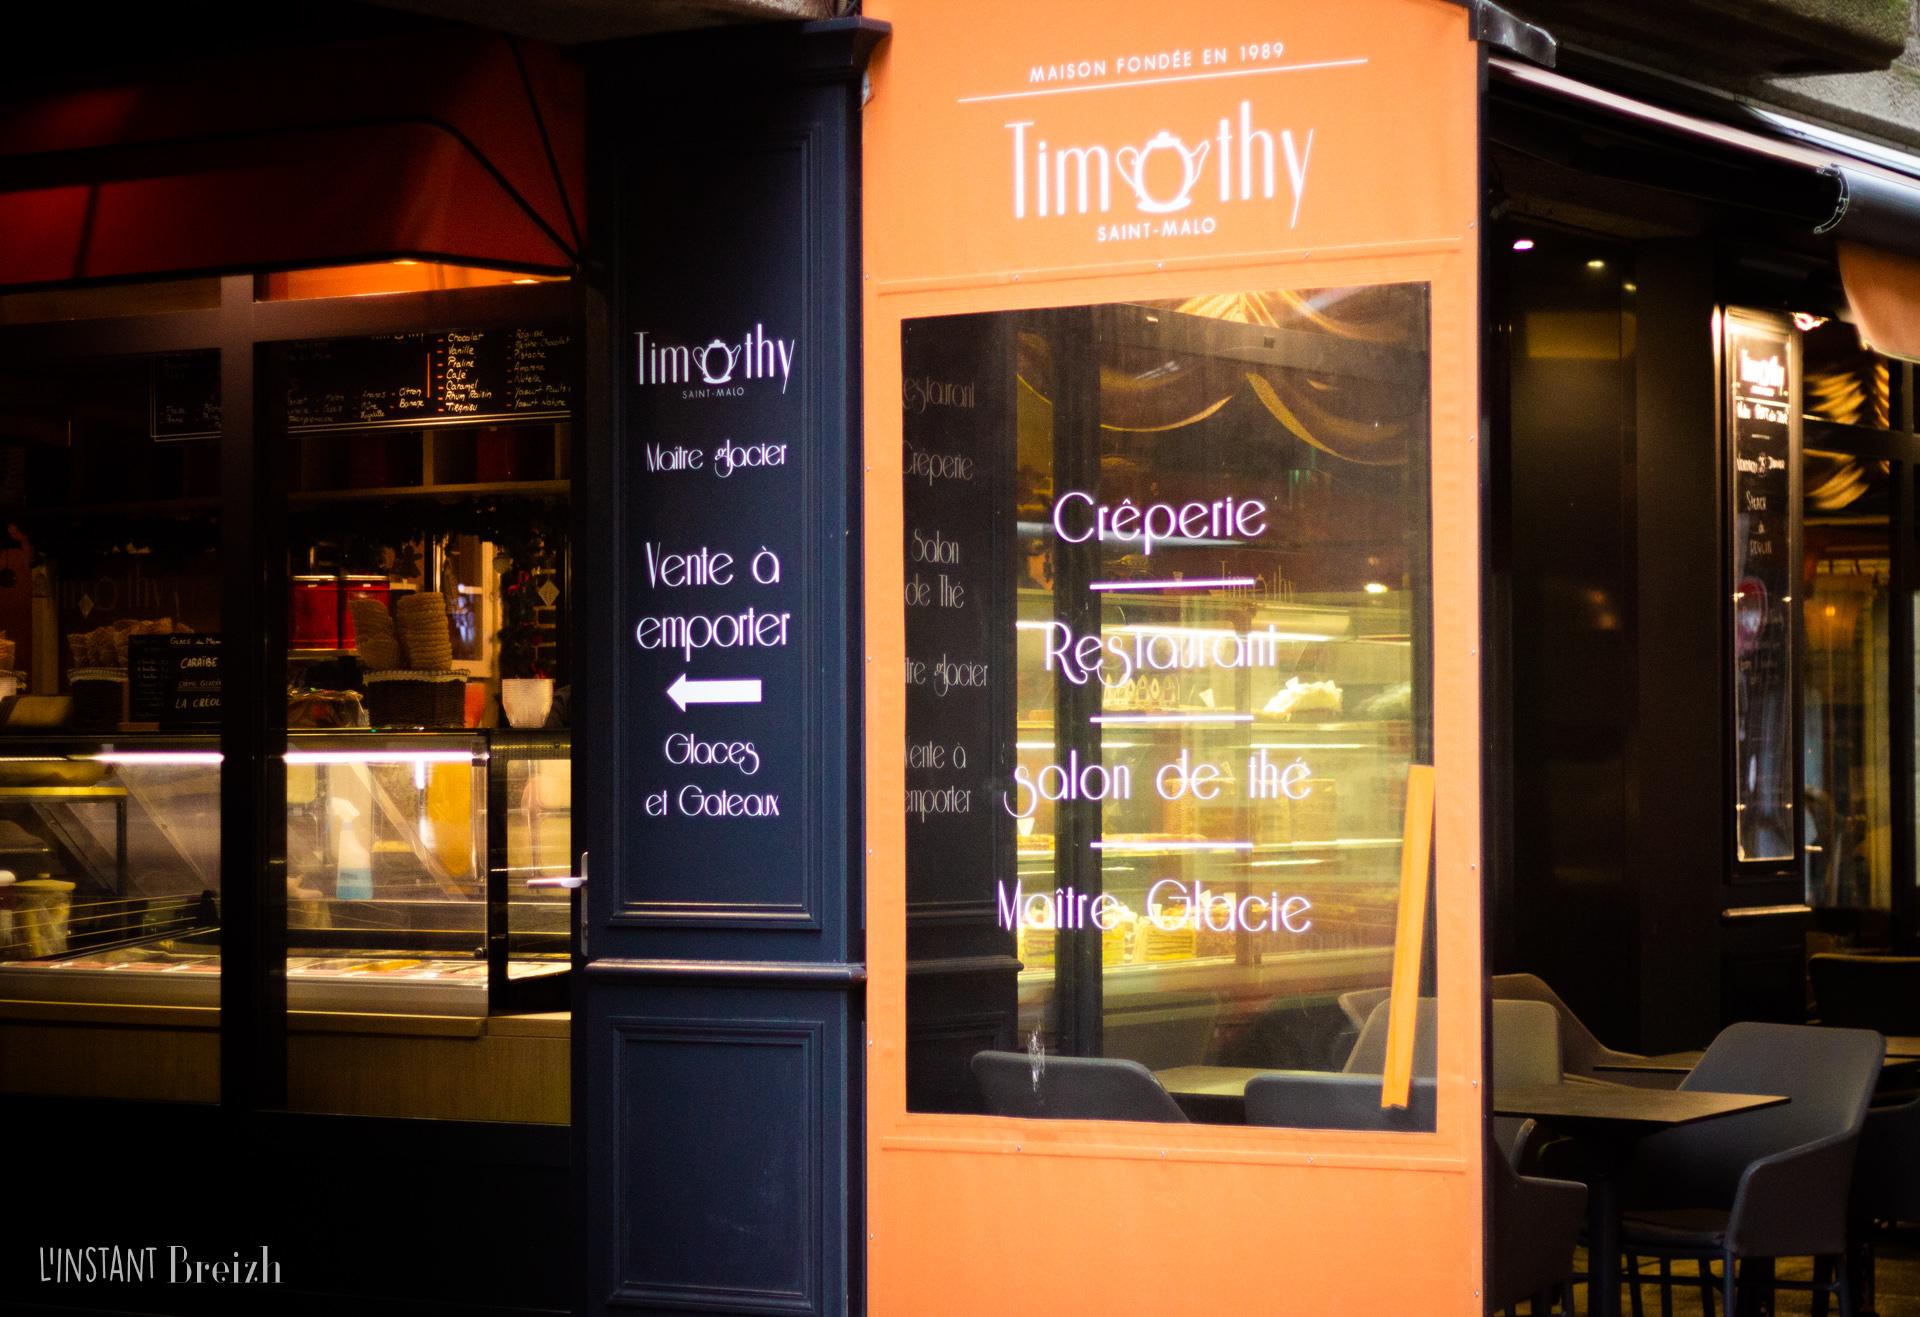 Timothy - Salon de thé